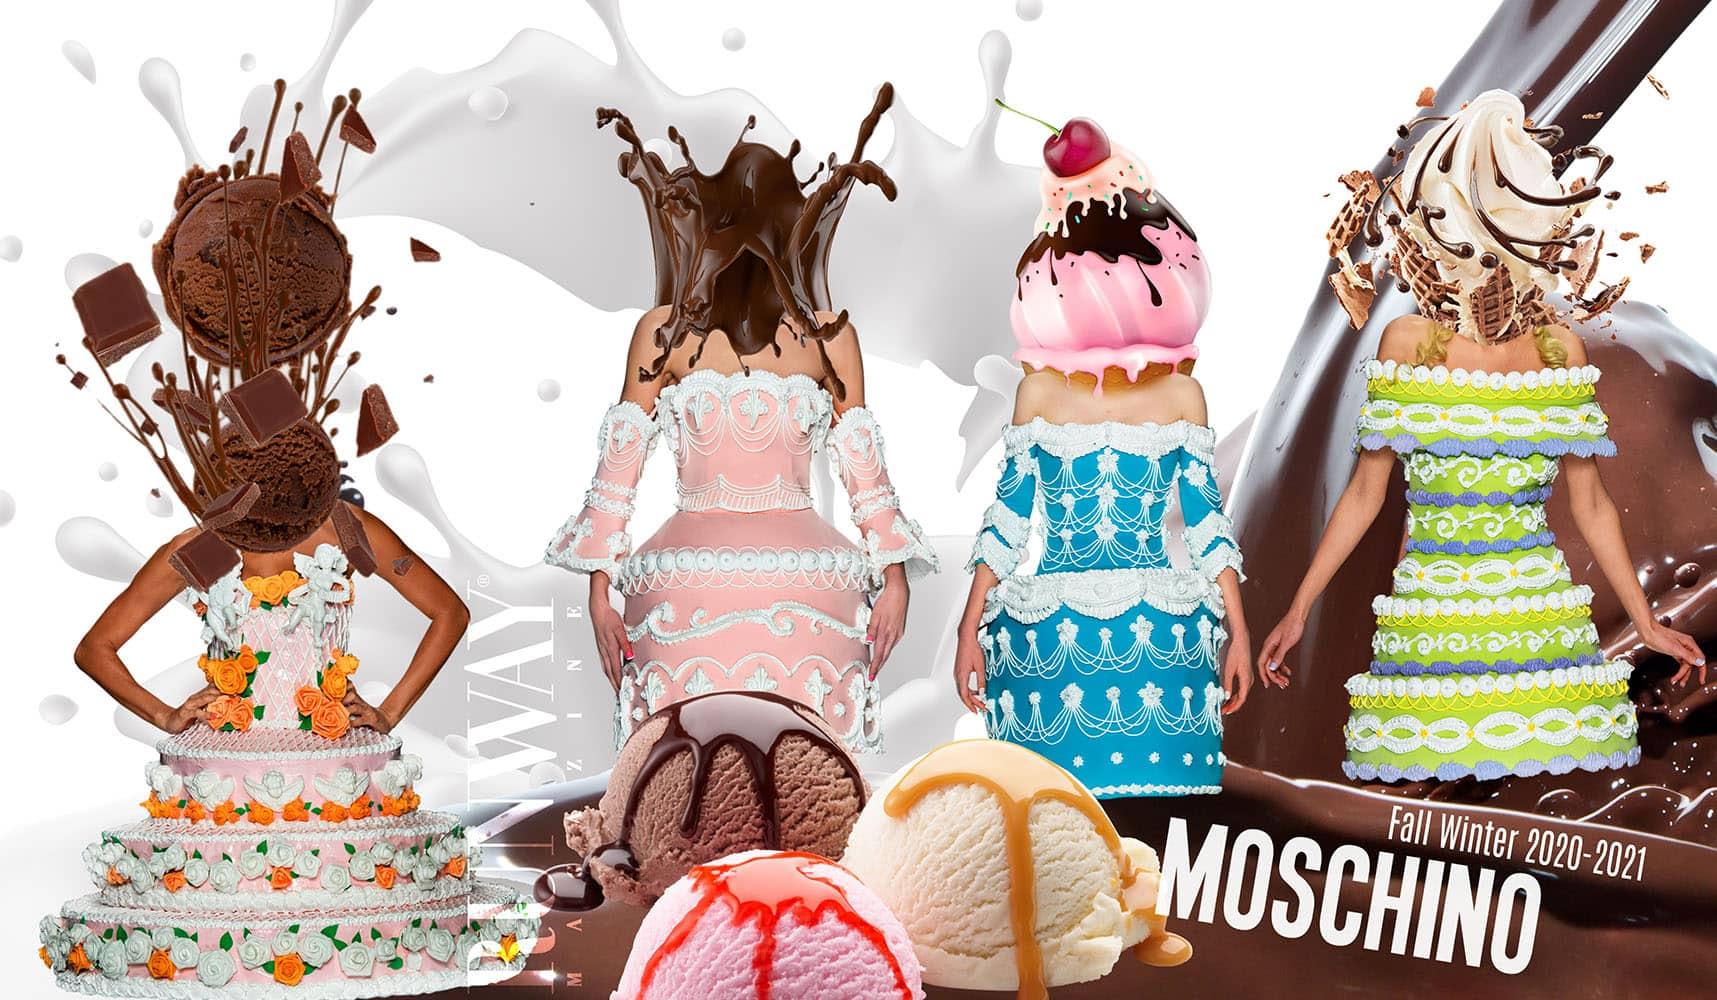 Moschino Fall-Winter 2020-2021 by RUNWAY MAGAZINE